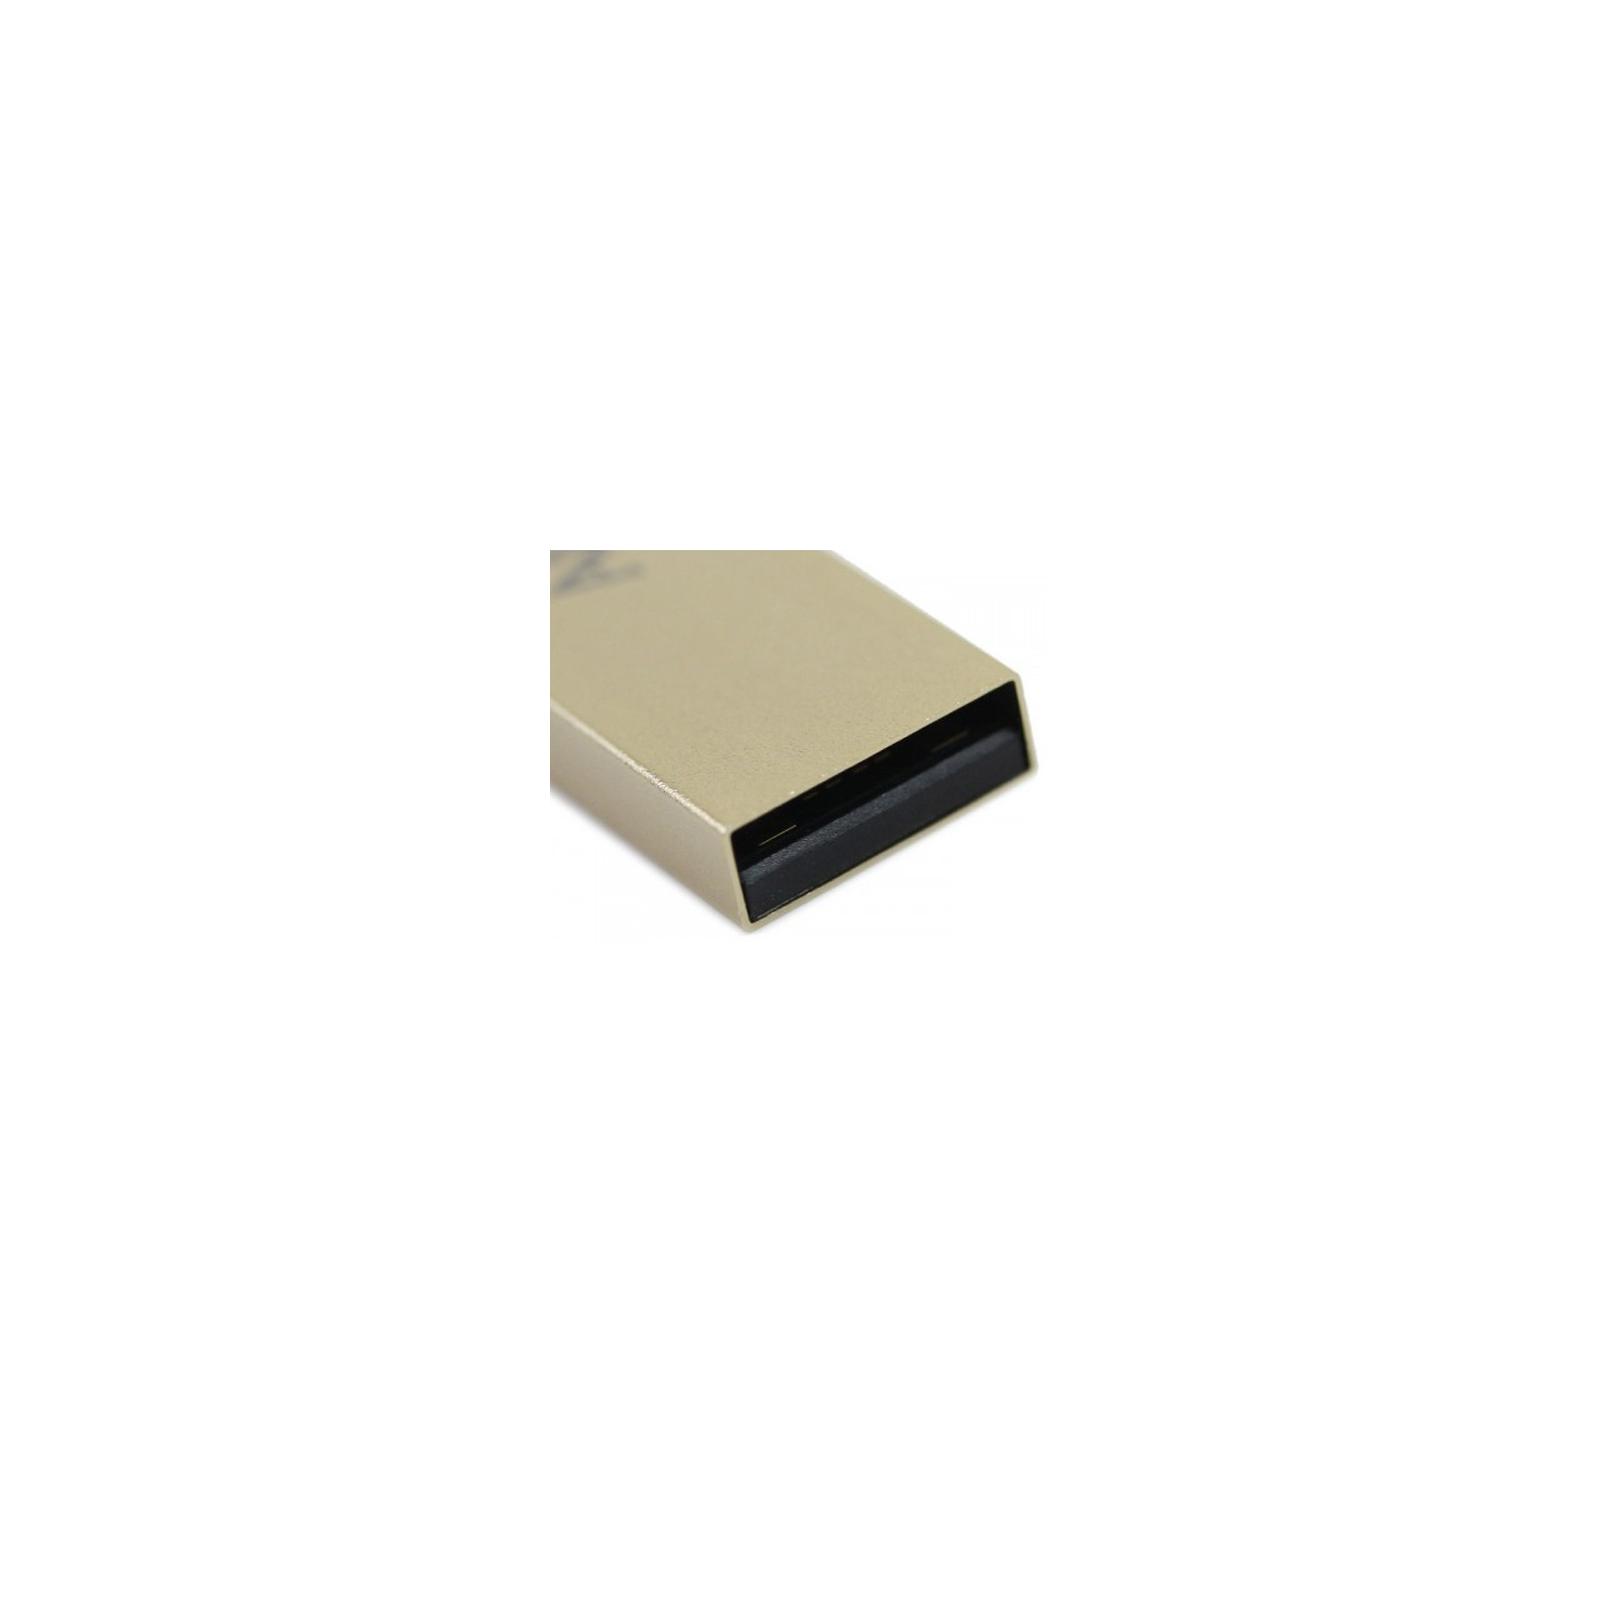 USB флеш накопитель 16GB AH133 Champagne Gold RP USB2.0 Apacer (AP16GAH133C-1) изображение 5